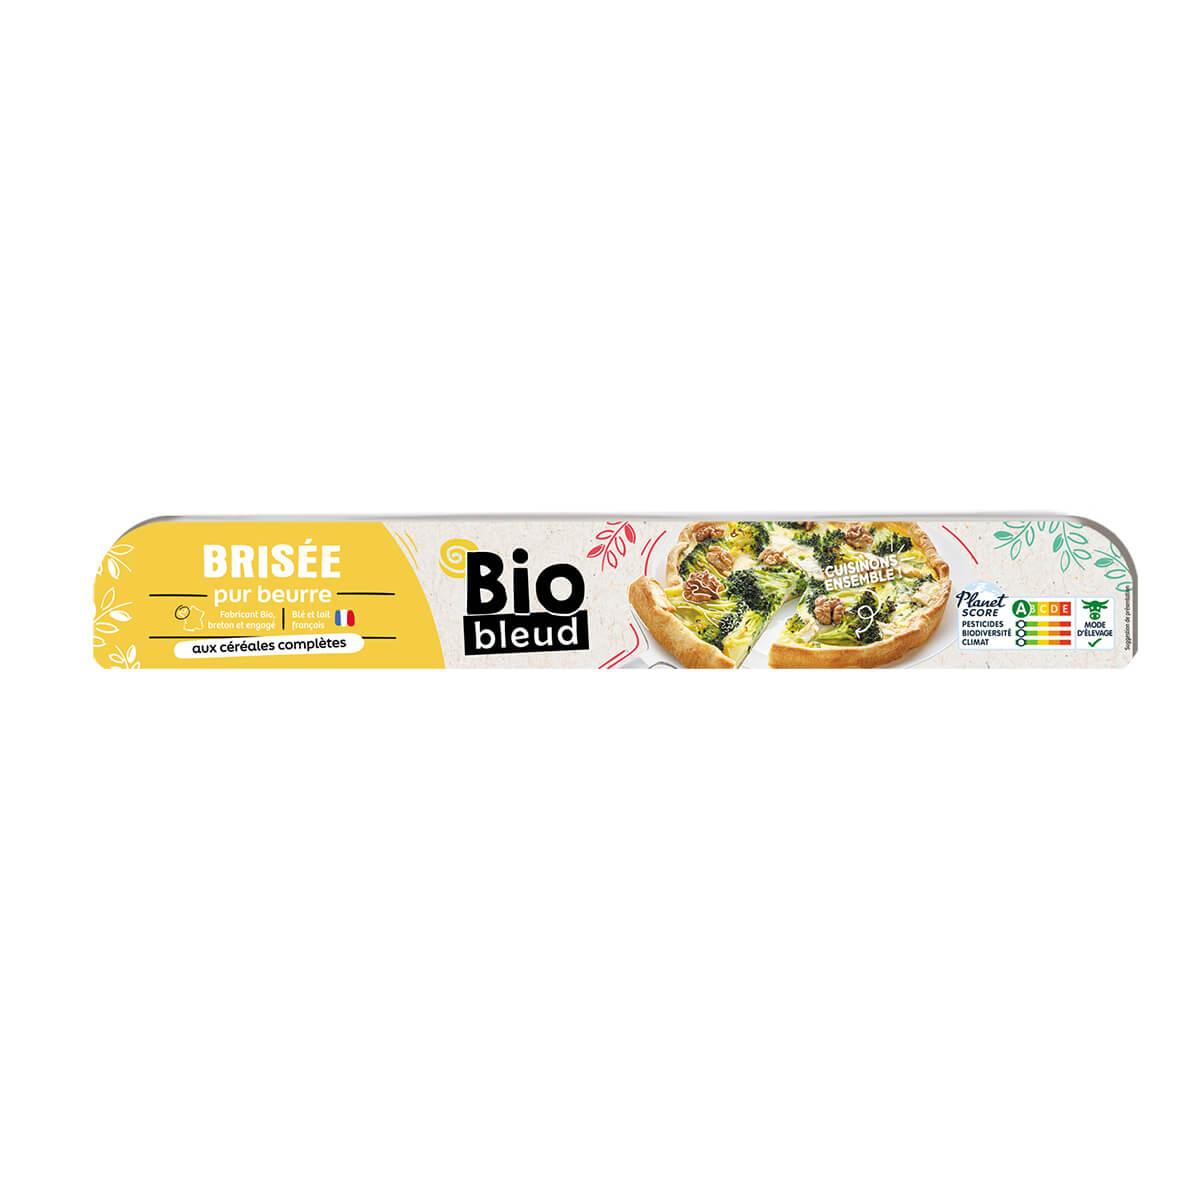 Biobleud - Pâte brisée pur beurre multicéréales 250g